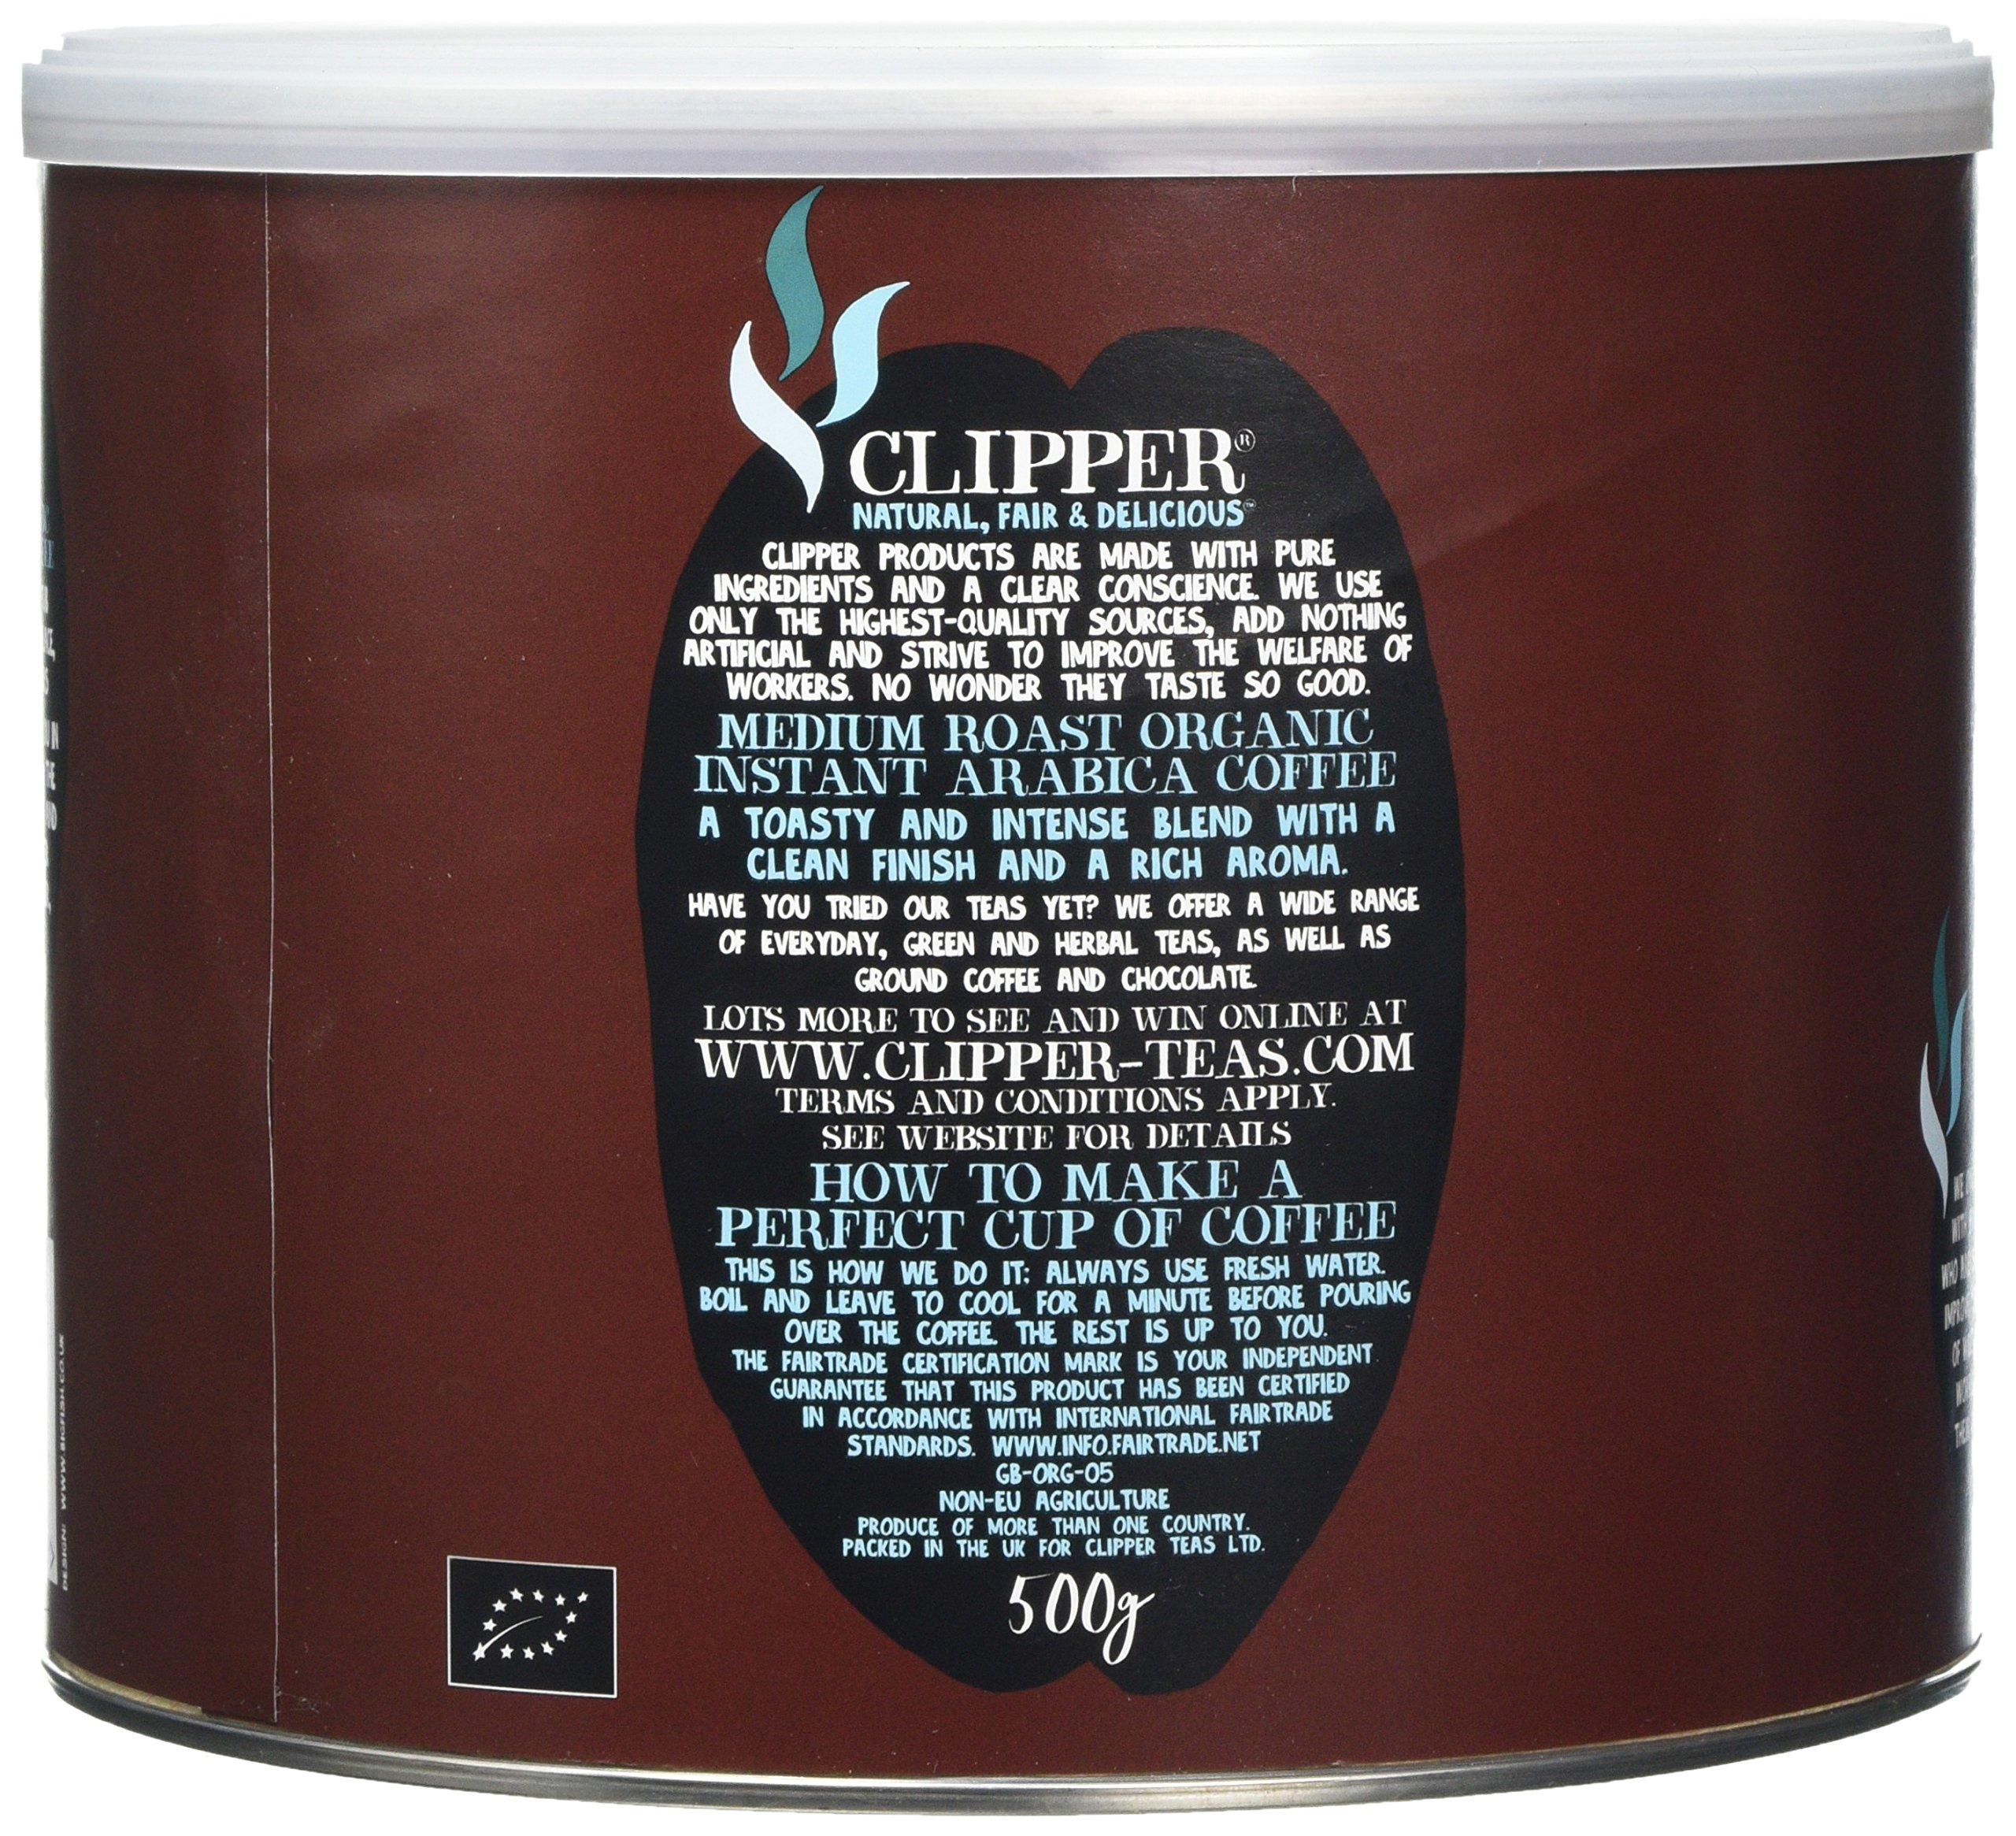 Clipper Teas Organic Medium Roast Arabica Coffee 500g